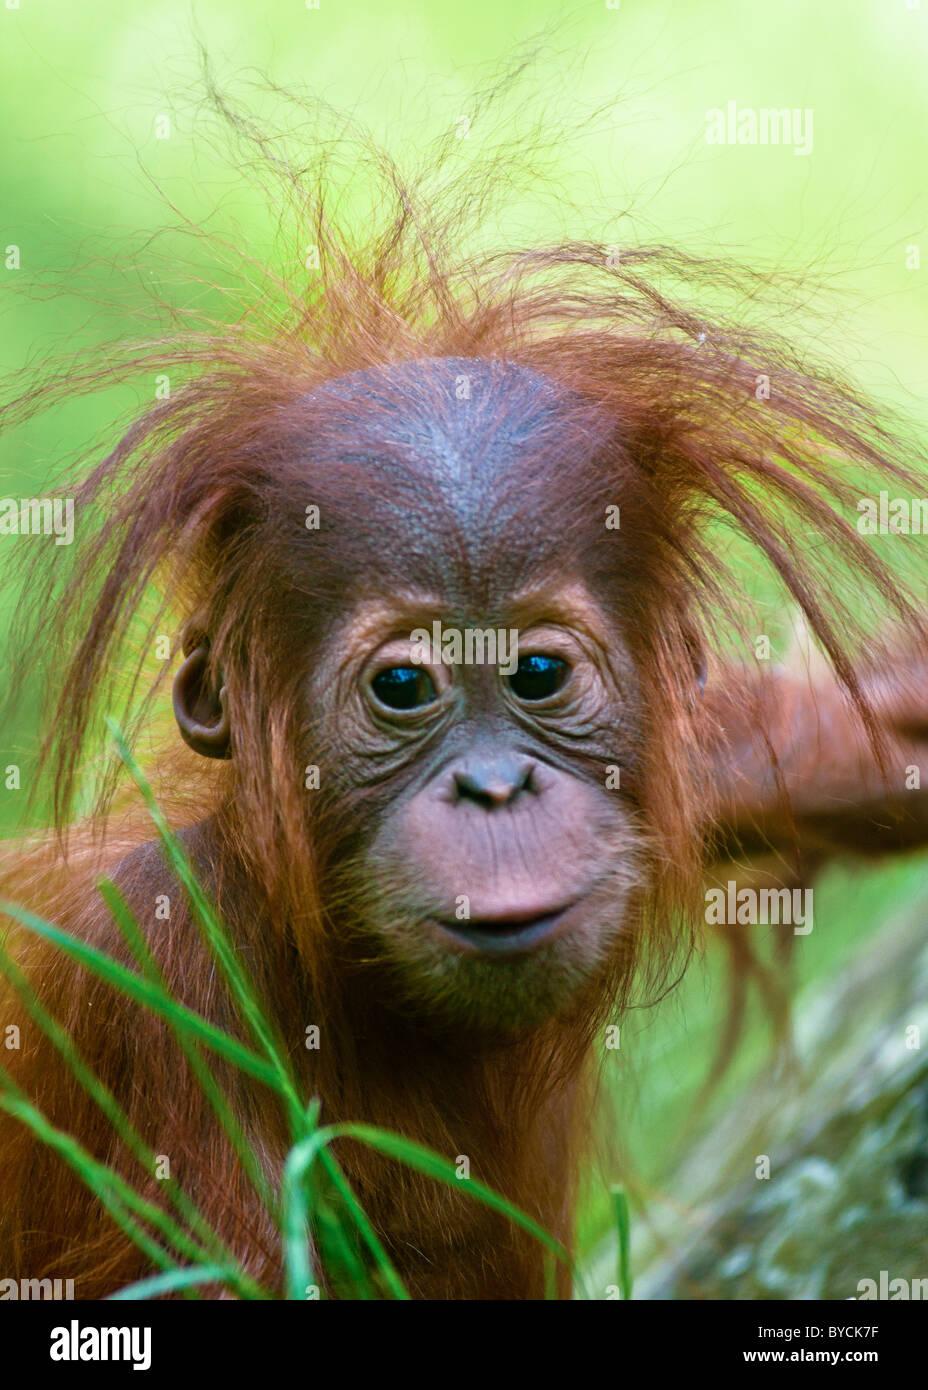 Carino baby Orangutan (Pongo pygmaeus) da vicino con il contatto visivo. Immagini Stock